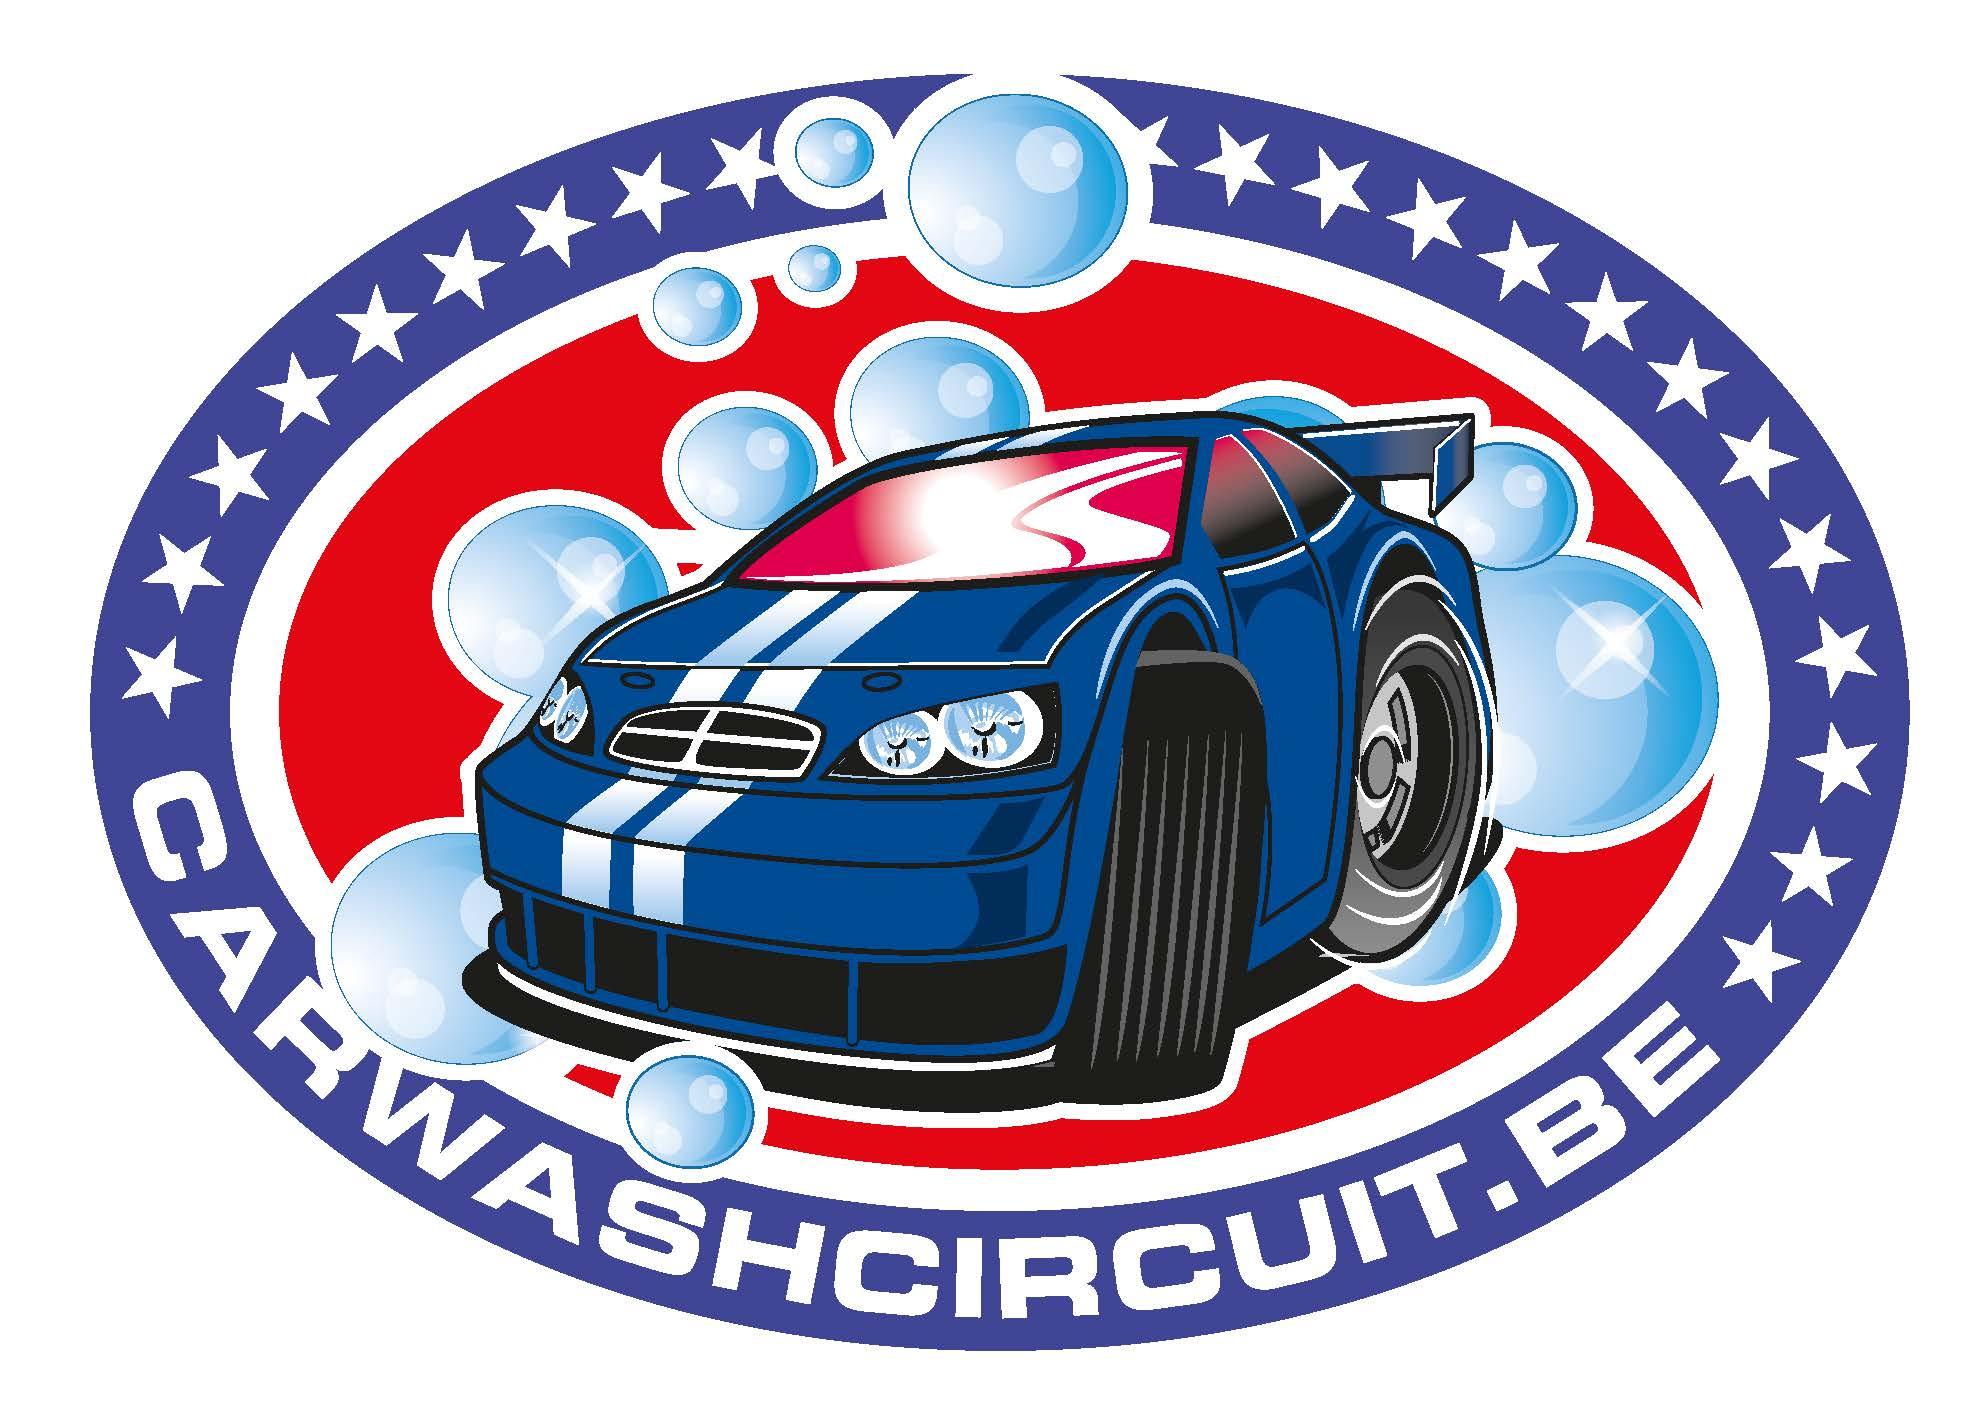 Carwash Circuit